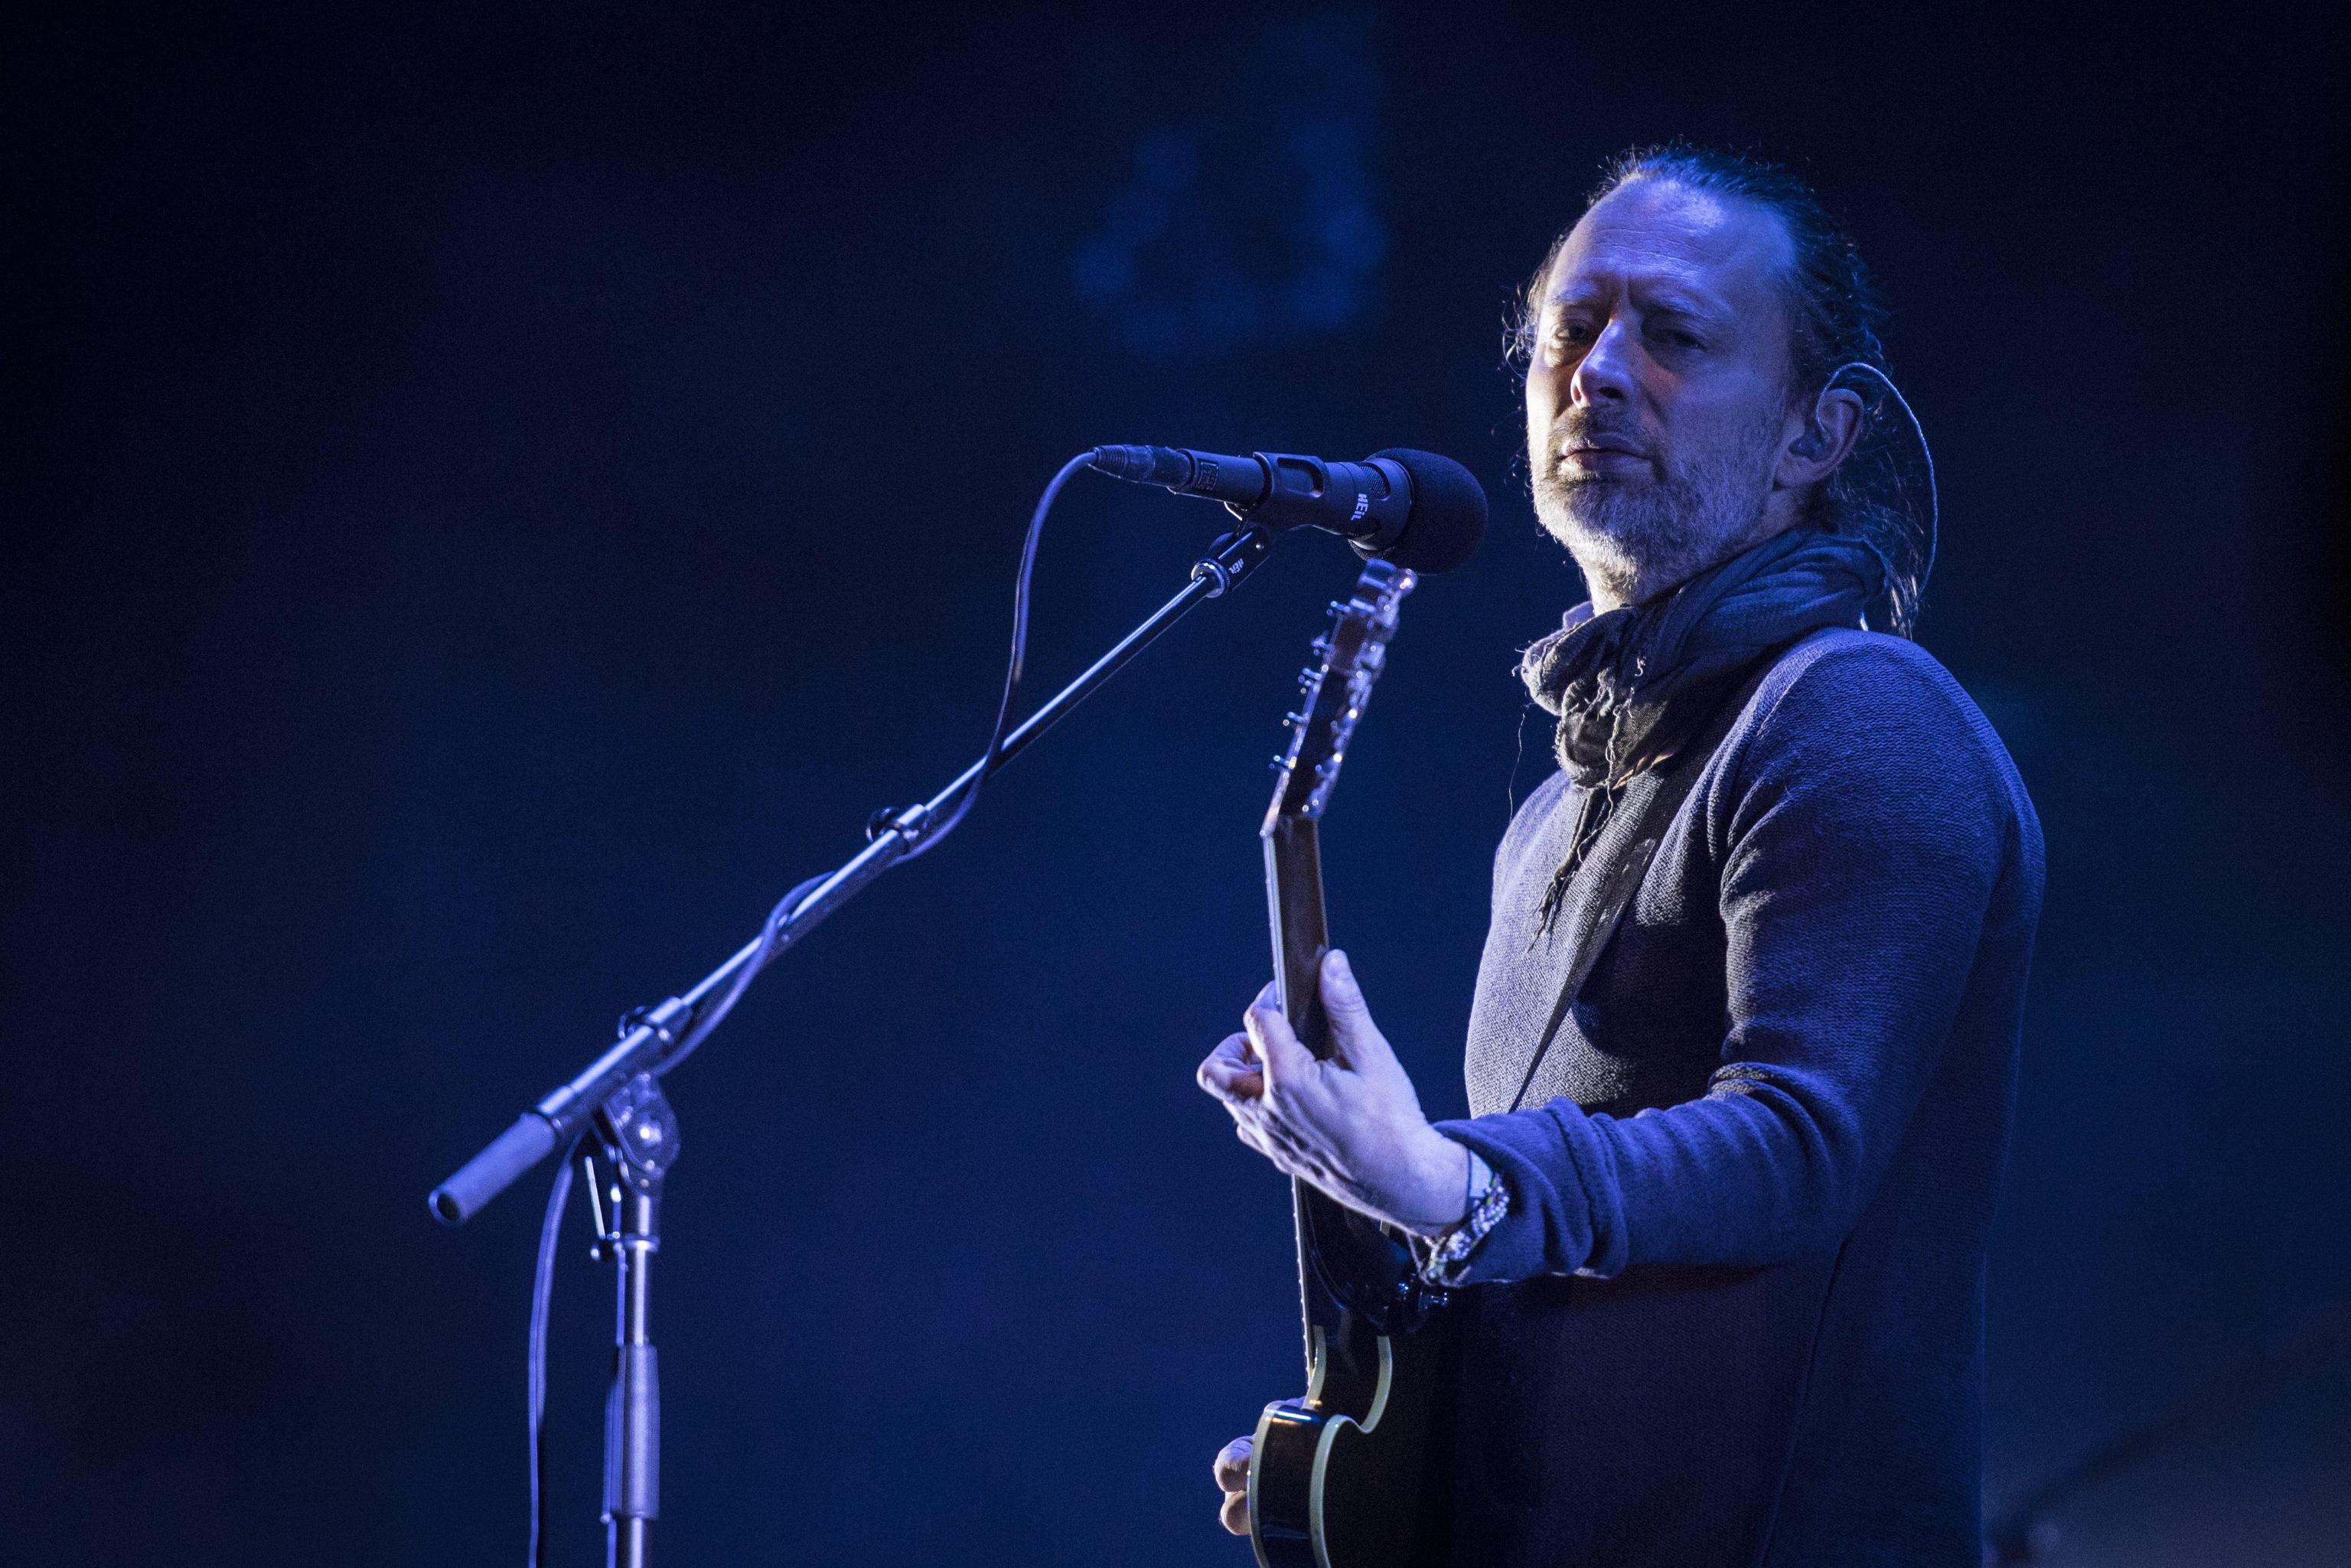 Radiohead a Monza e Firenze: perché molti si stanno vendendo i biglietti?